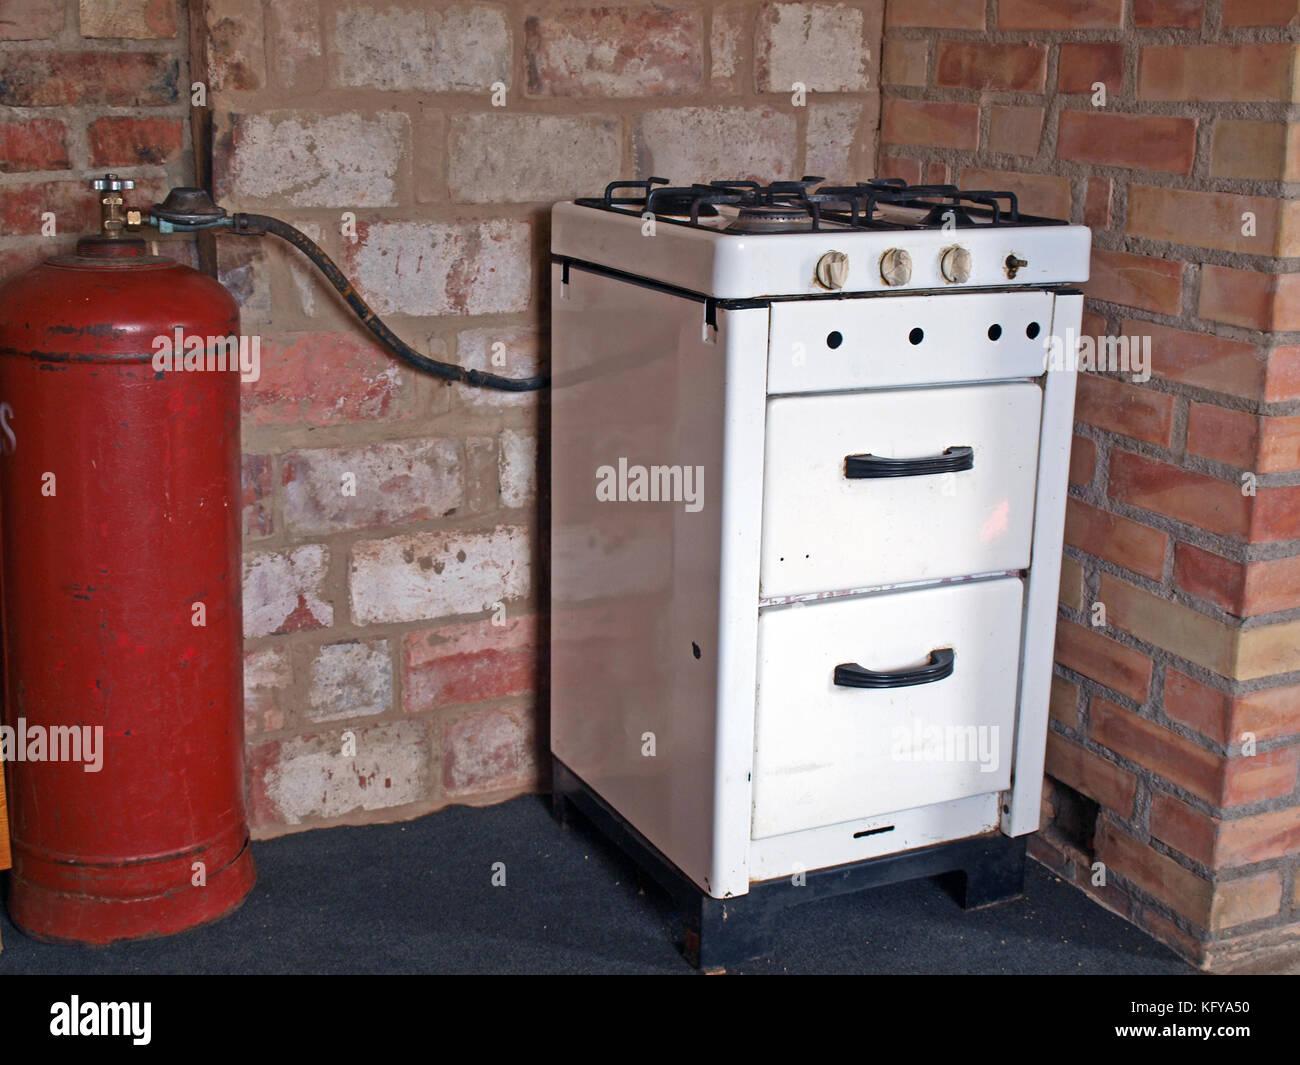 Beliebt Alte Küche Gasherd mit Gasflasche Stockfoto, Bild: 164713836 - Alamy MZ34